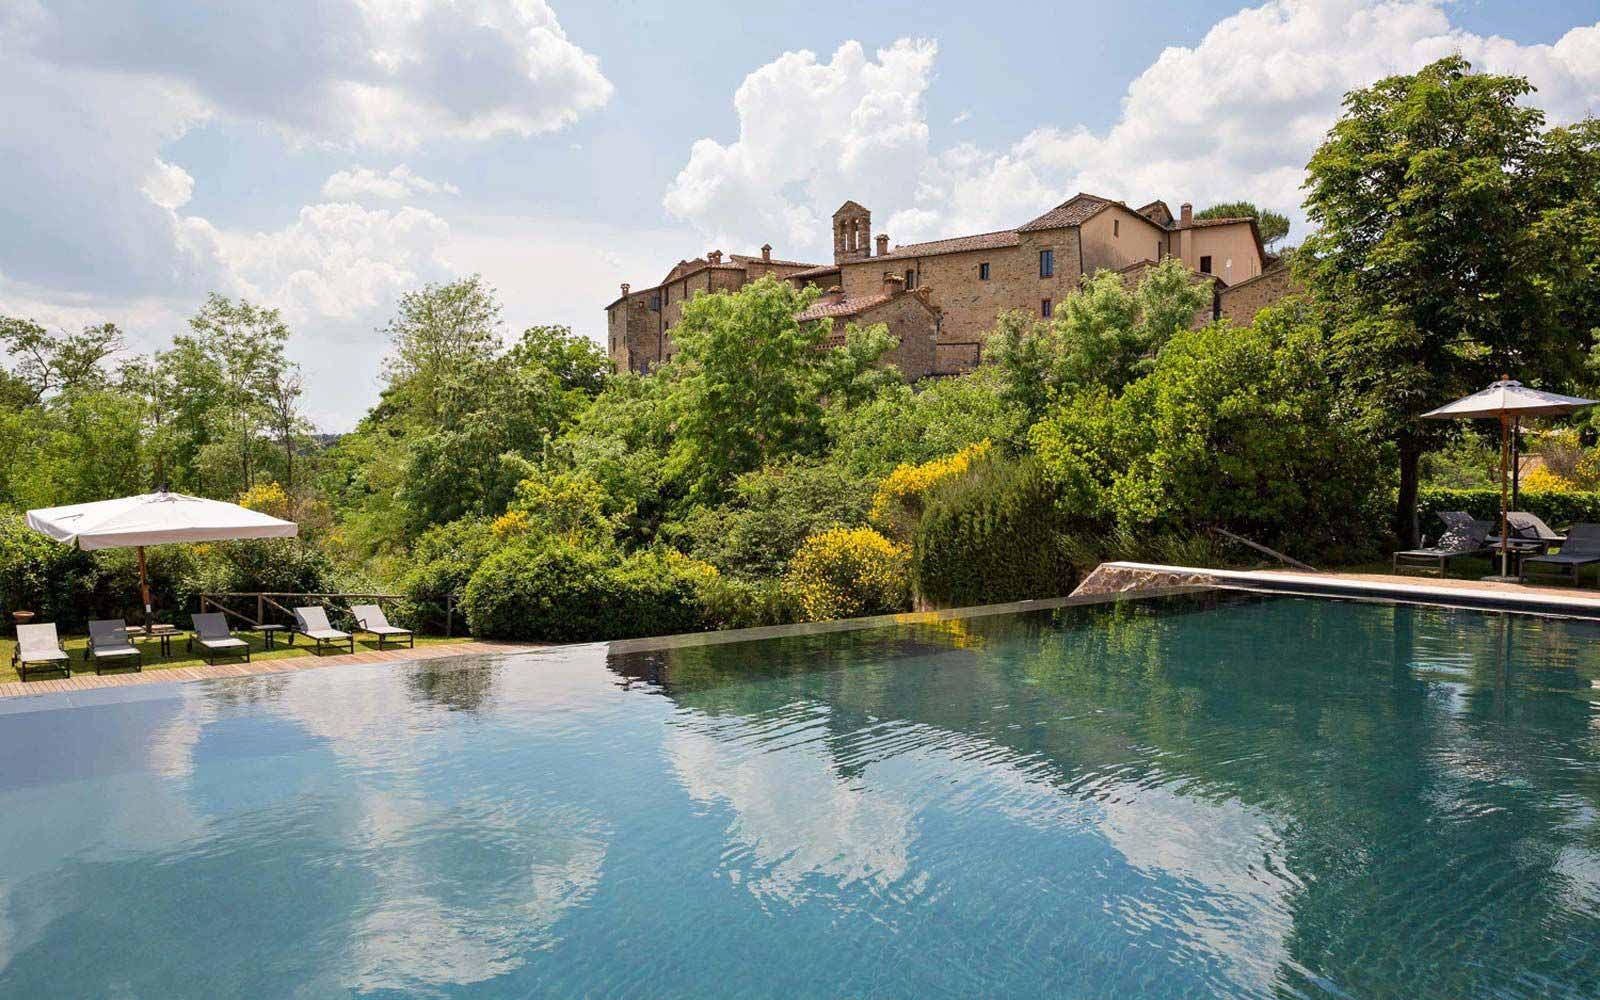 External Pool at Castel Monastero Tuscan Resort & Spa